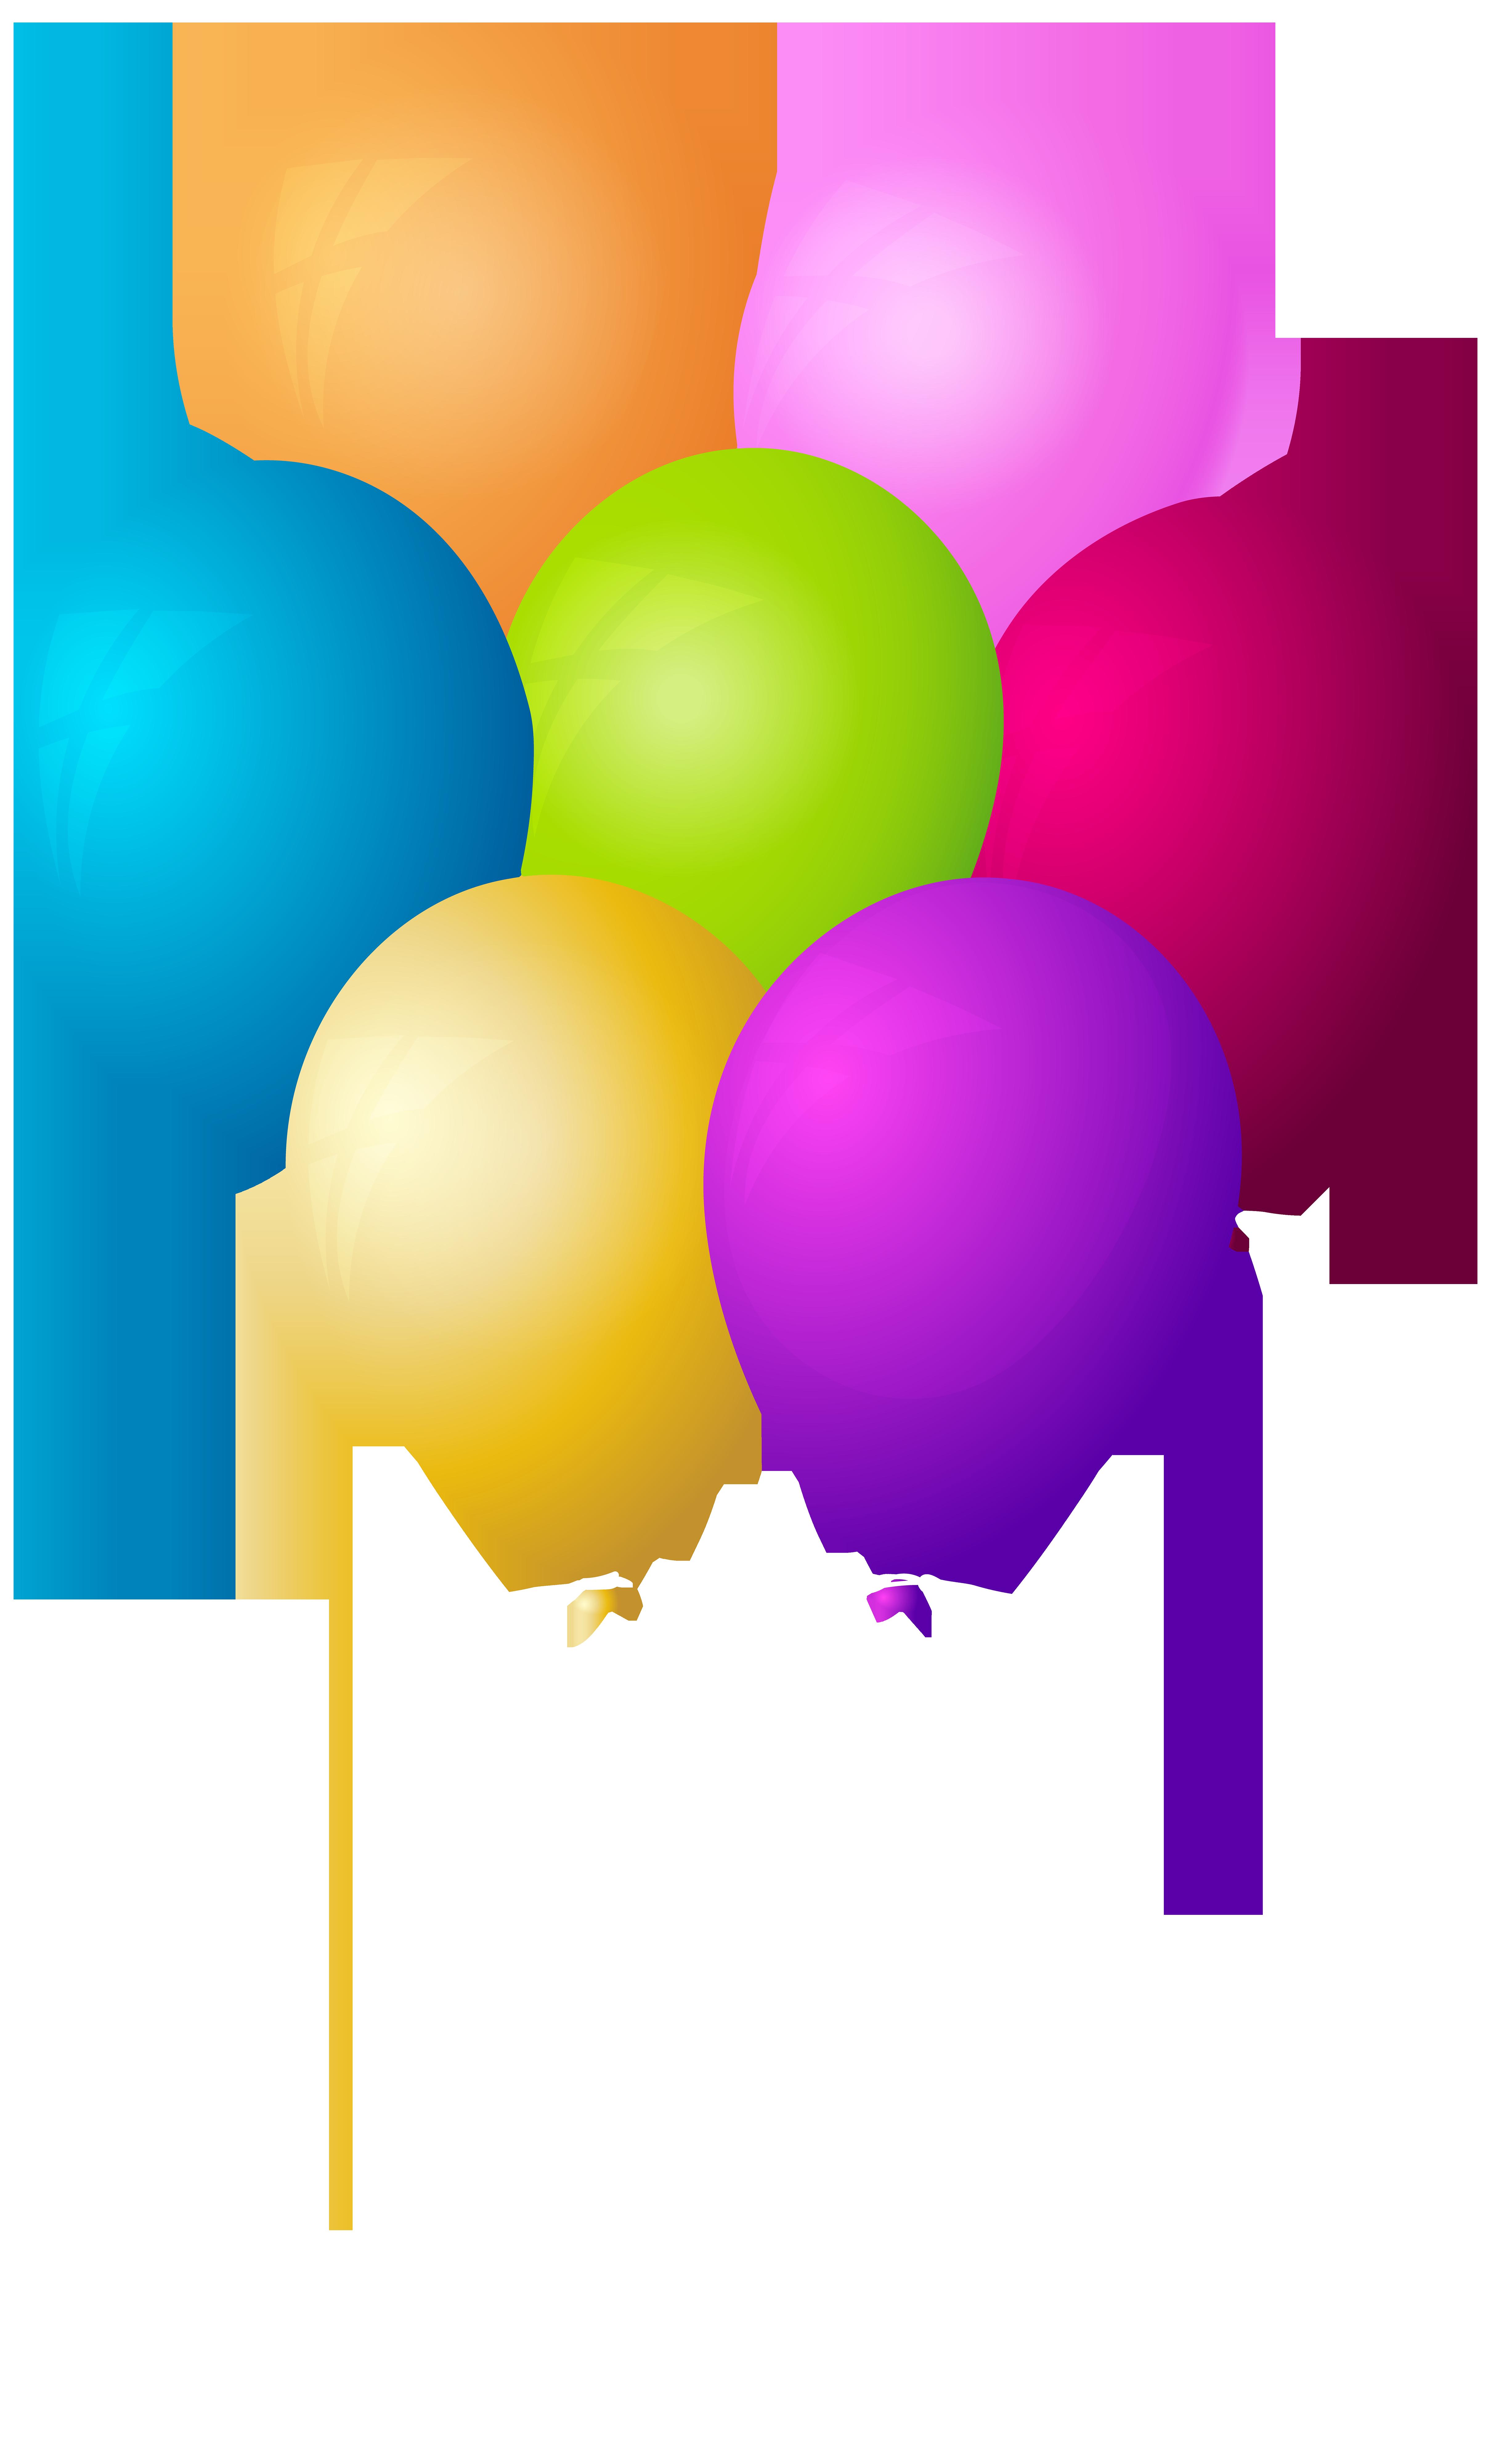 Clipart balloon summer. Balloons bunch transparent png